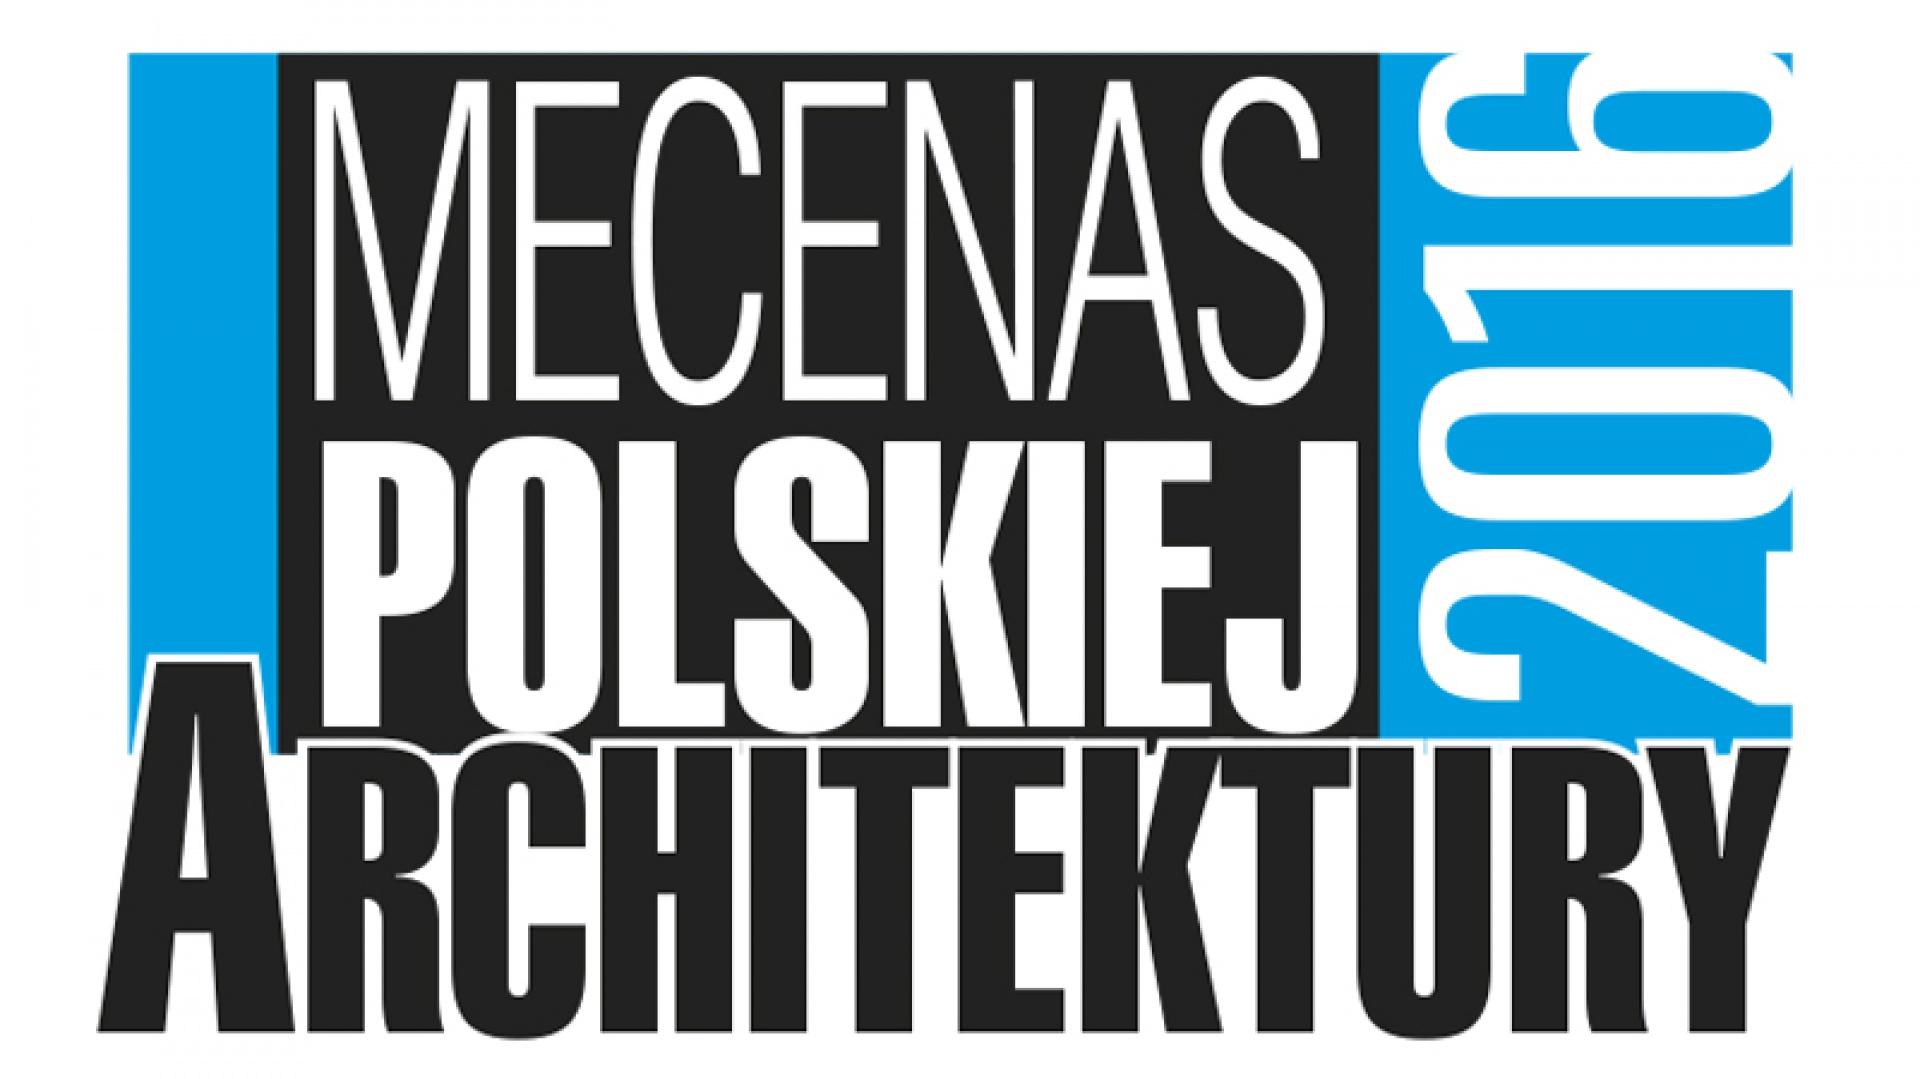 Konkurs ma charakter edukacyjny, a jego celem jest wyłanianie nowych, młodych talentów wśród studentów wydziałów architektury na uczelniach w całym kraju. Fot. Plakat prasowy